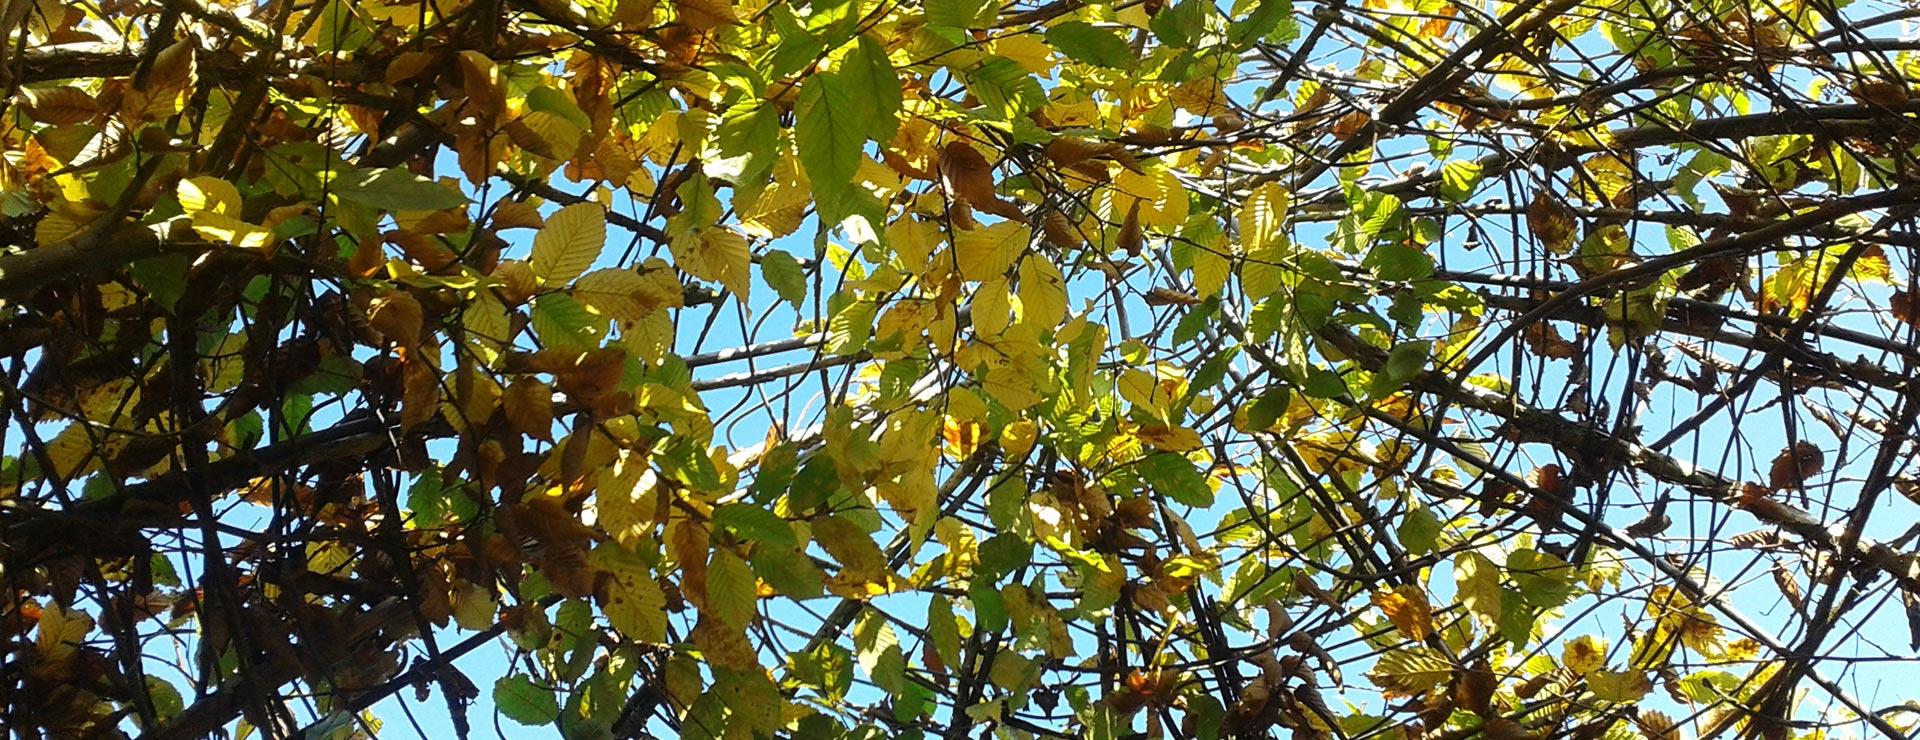 Blätterdach der Weidenfigur in der Mitte des Lebendigen Labyrinthes